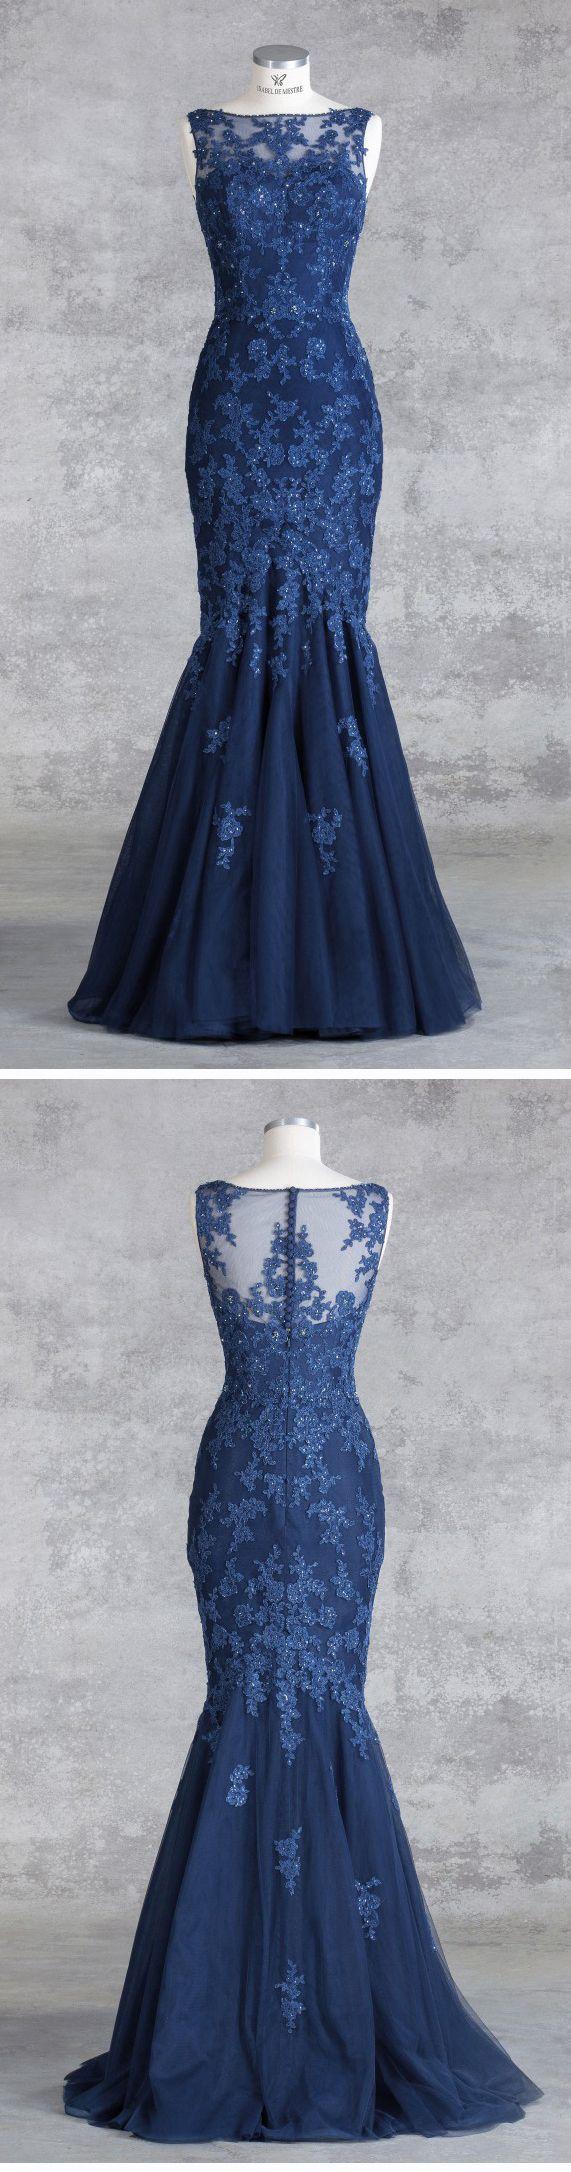 8 best kläder images on Pinterest | Gown wedding, Black white ...